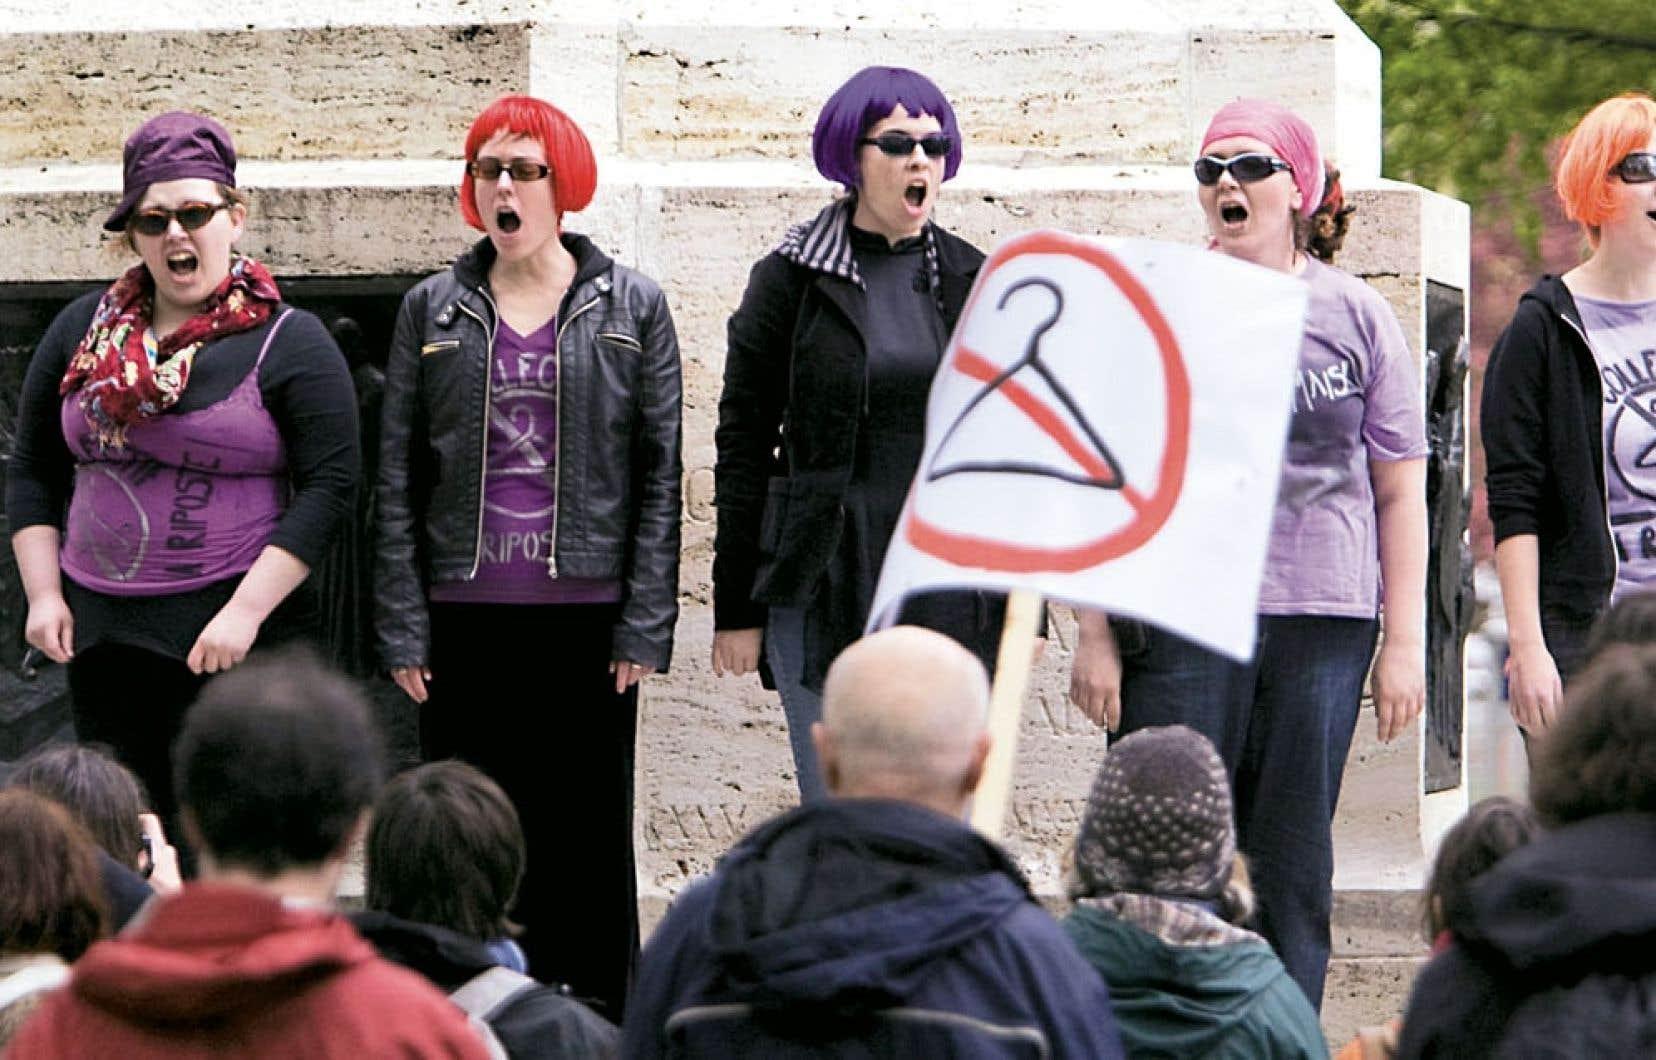 Manifestation pour le libre-choix en matière d'avortement à Montréal en mai 2009. Il existe une multitude d'enjeux connexes qui ne sont pas discutés sur la place publique parce que le débat a été polarisé à son extrême.